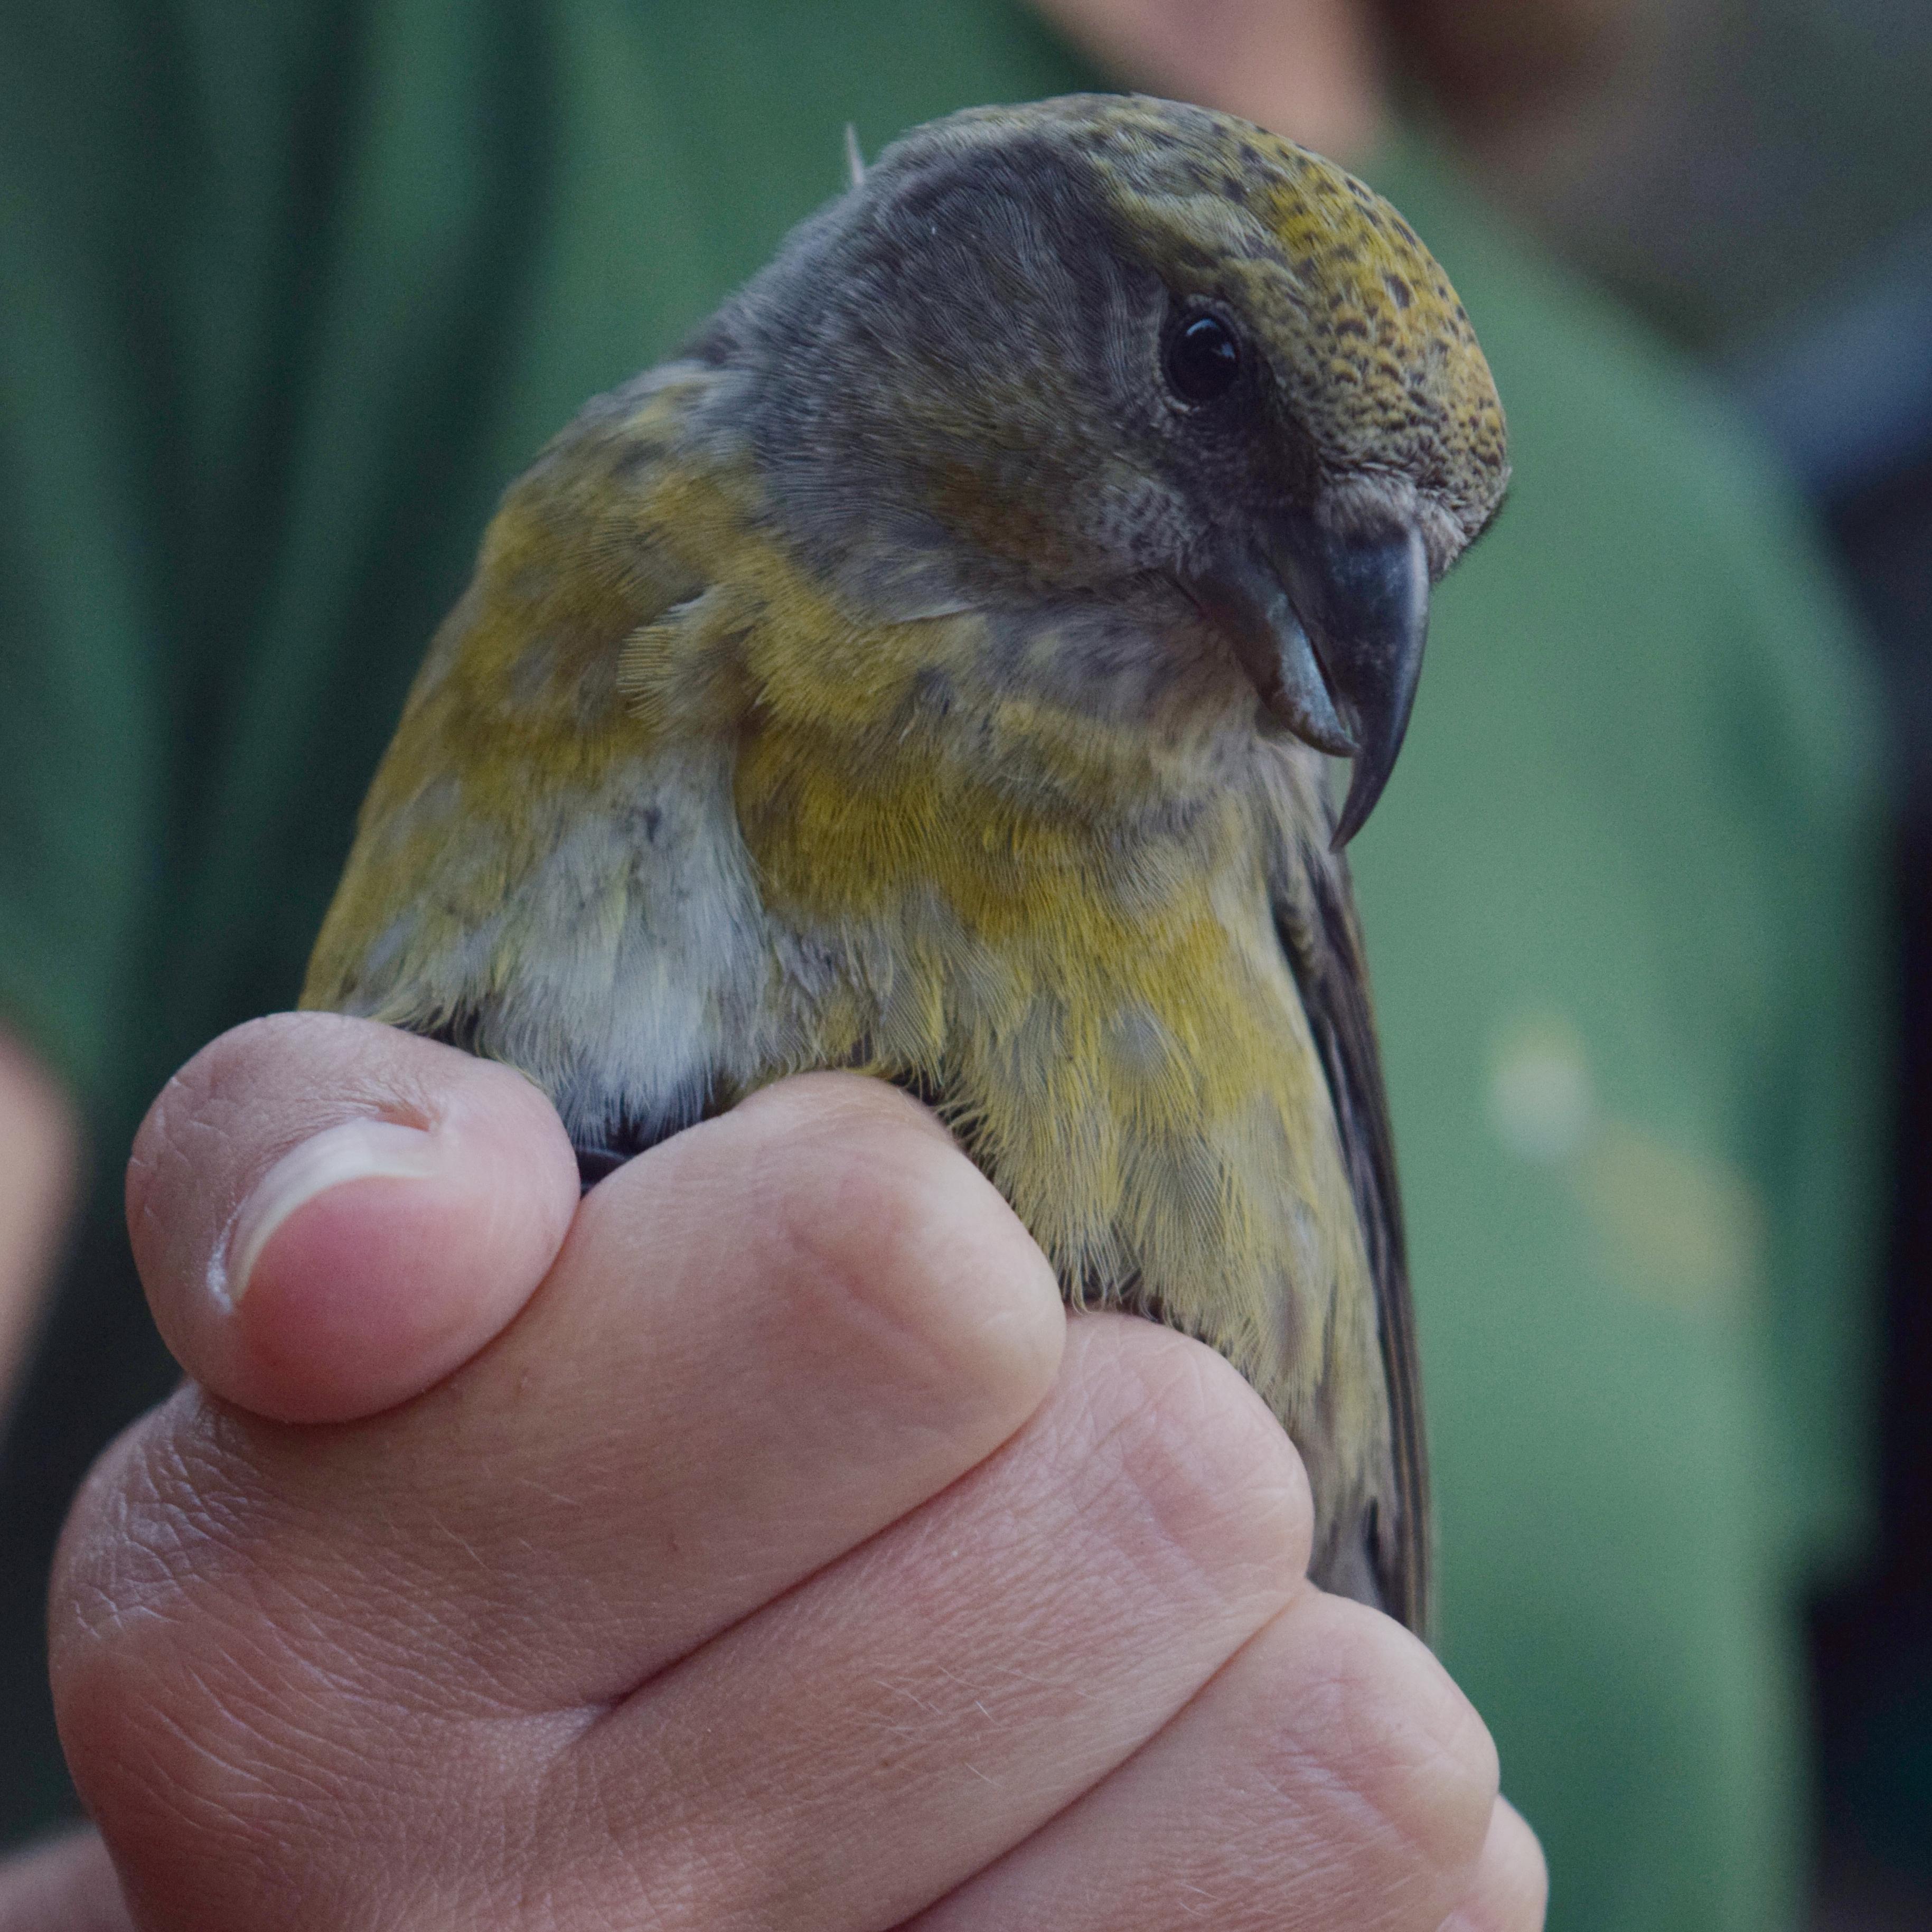 Izvještaj s Ornitološkog kampa Učka 2016.